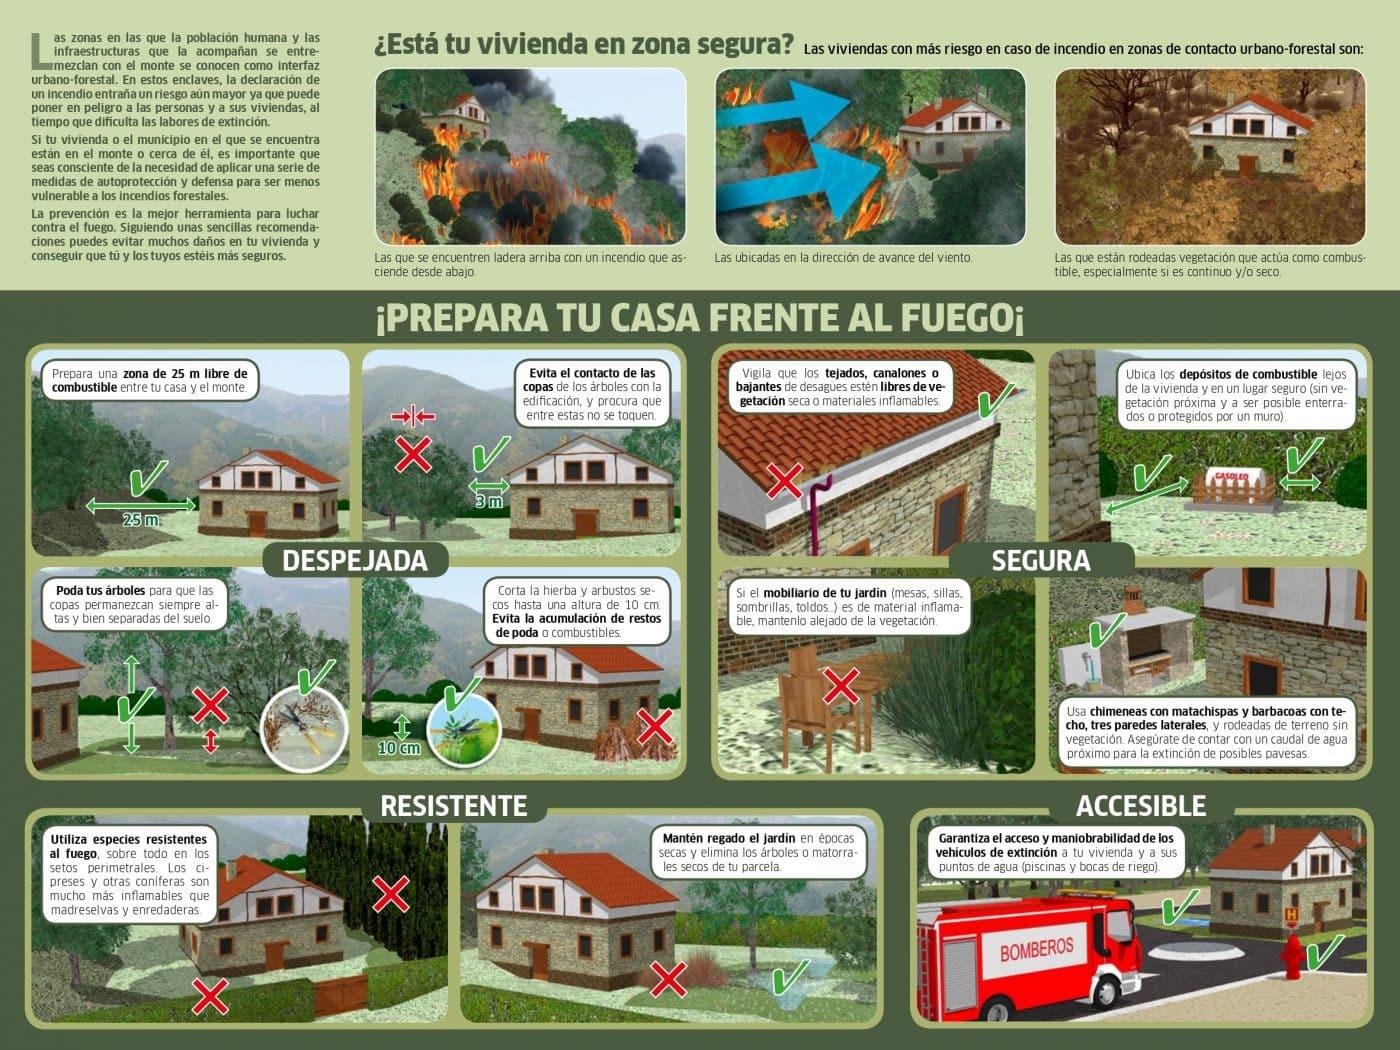 La Rioja lanza una recopilación de consejos para prevenir incendios en viviendas próximas a zonas forestales 1